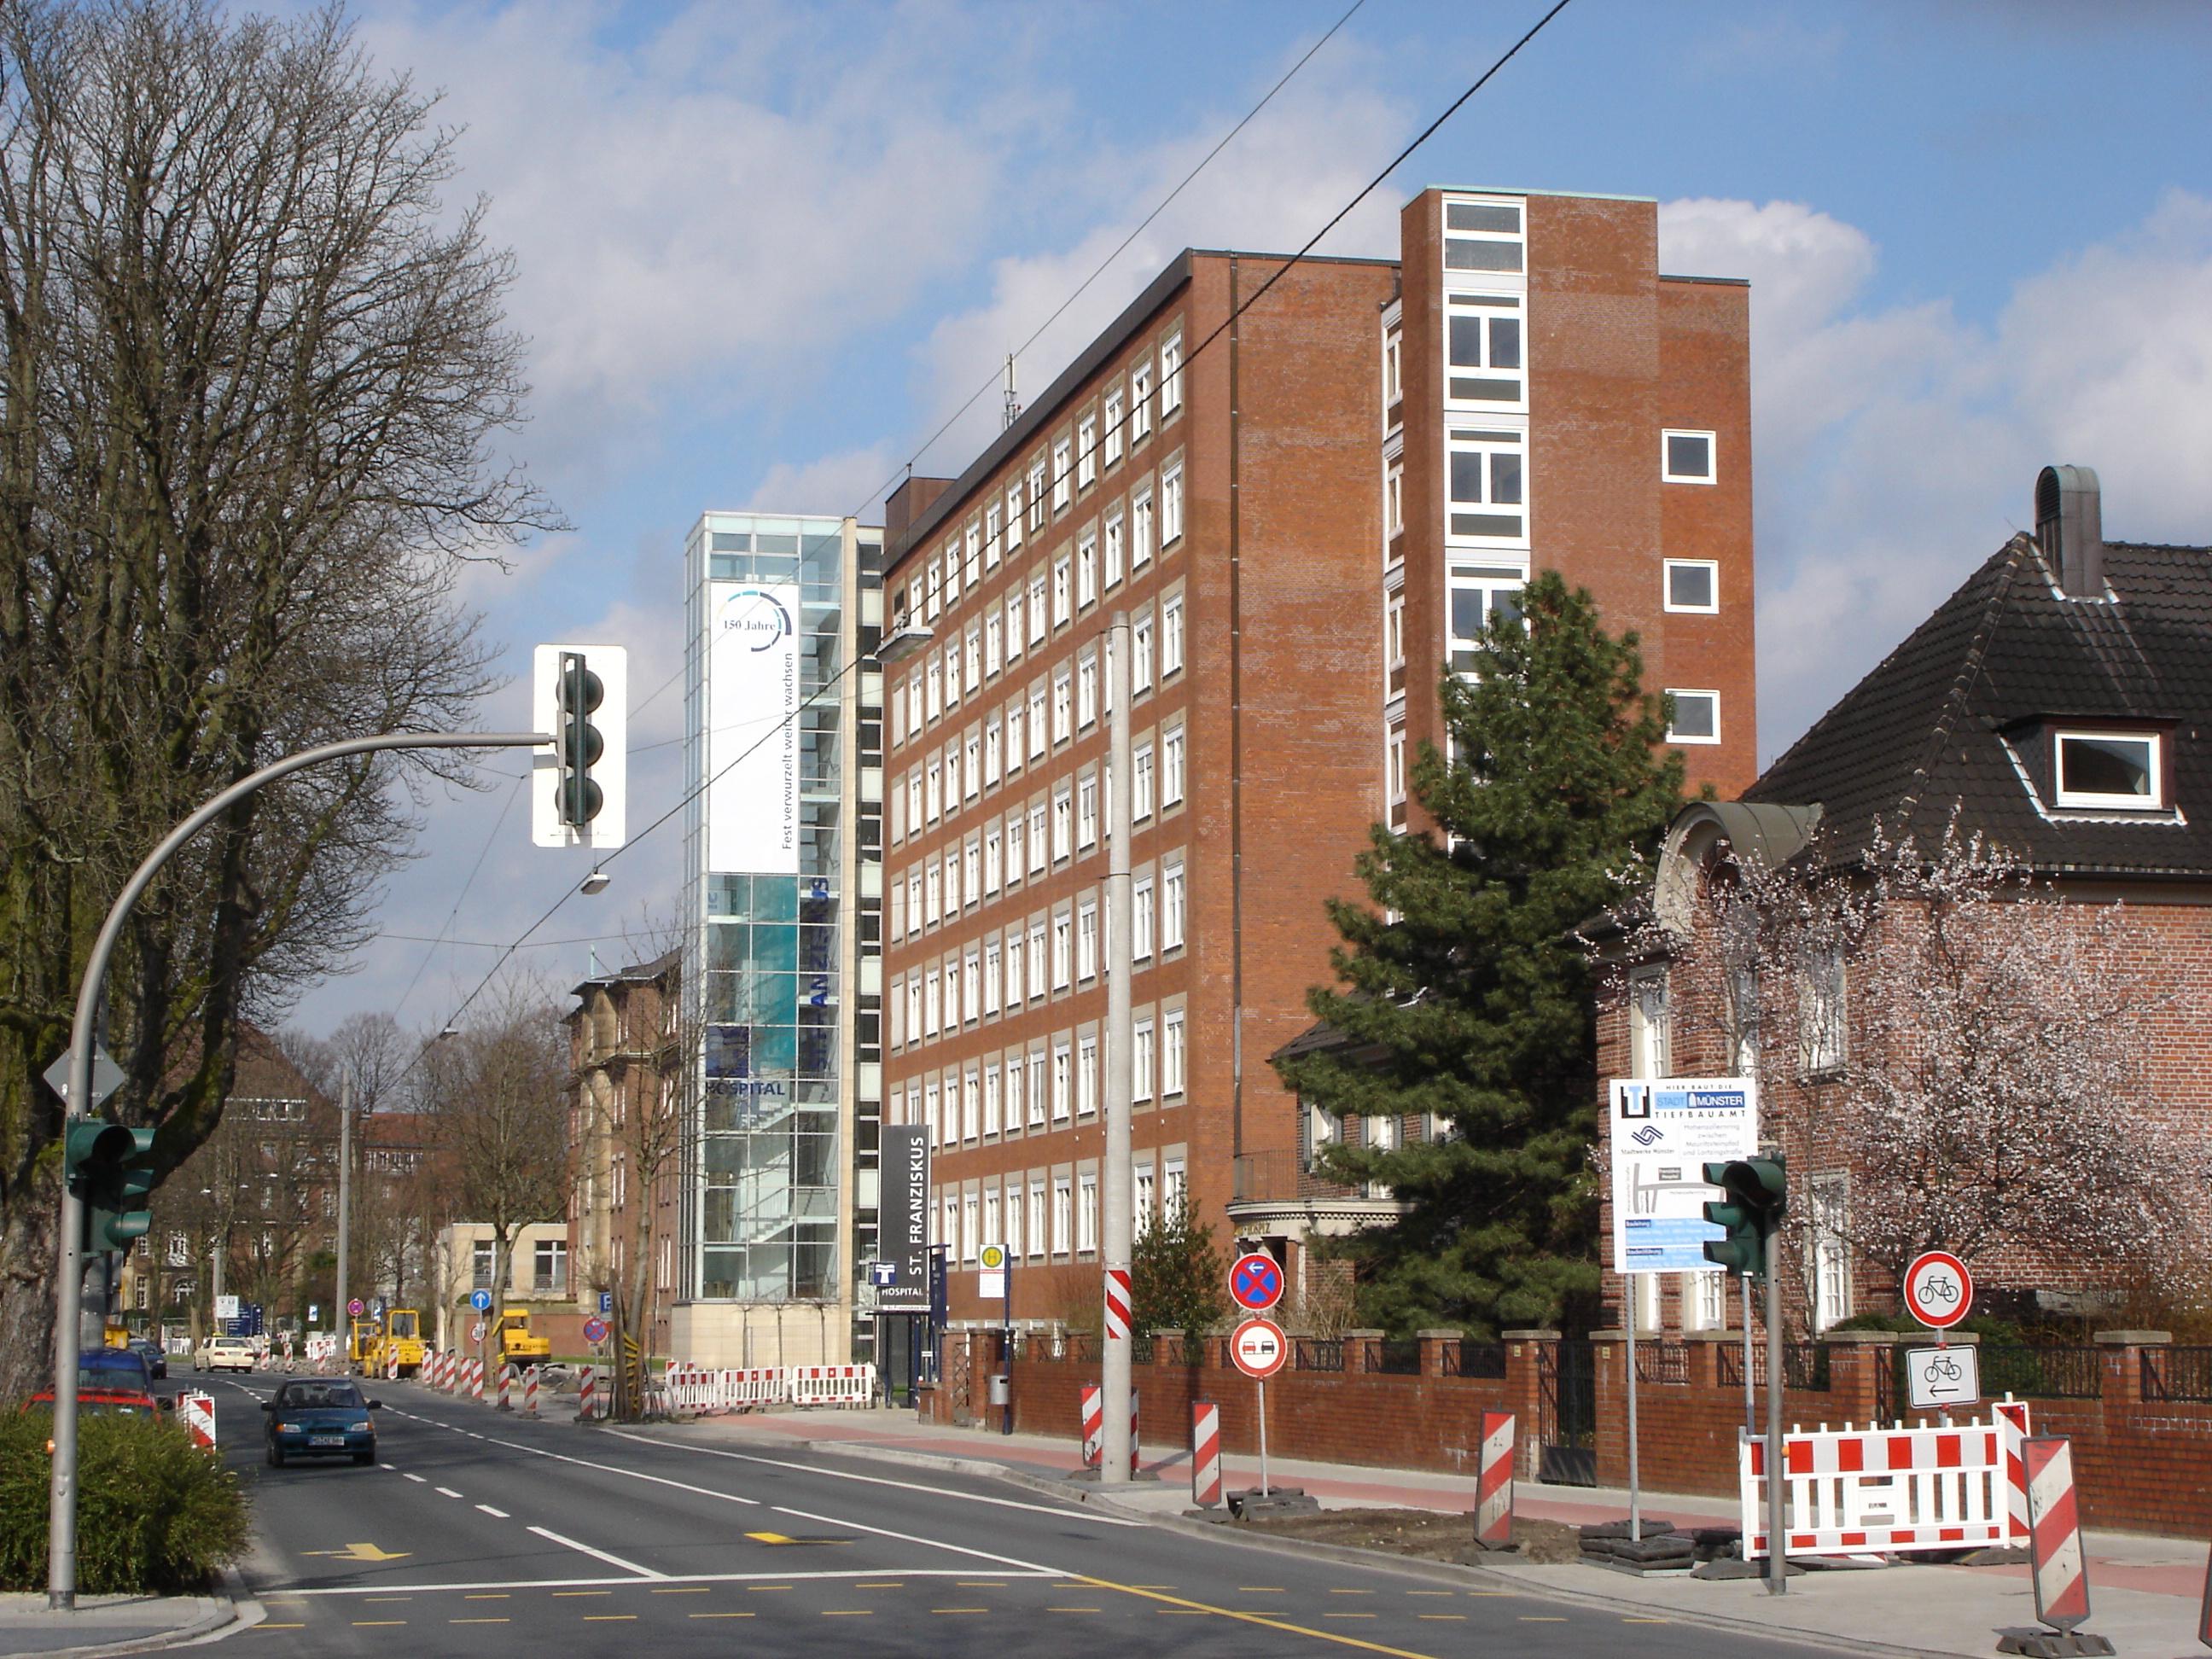 St. Franziskus Krankenhaus